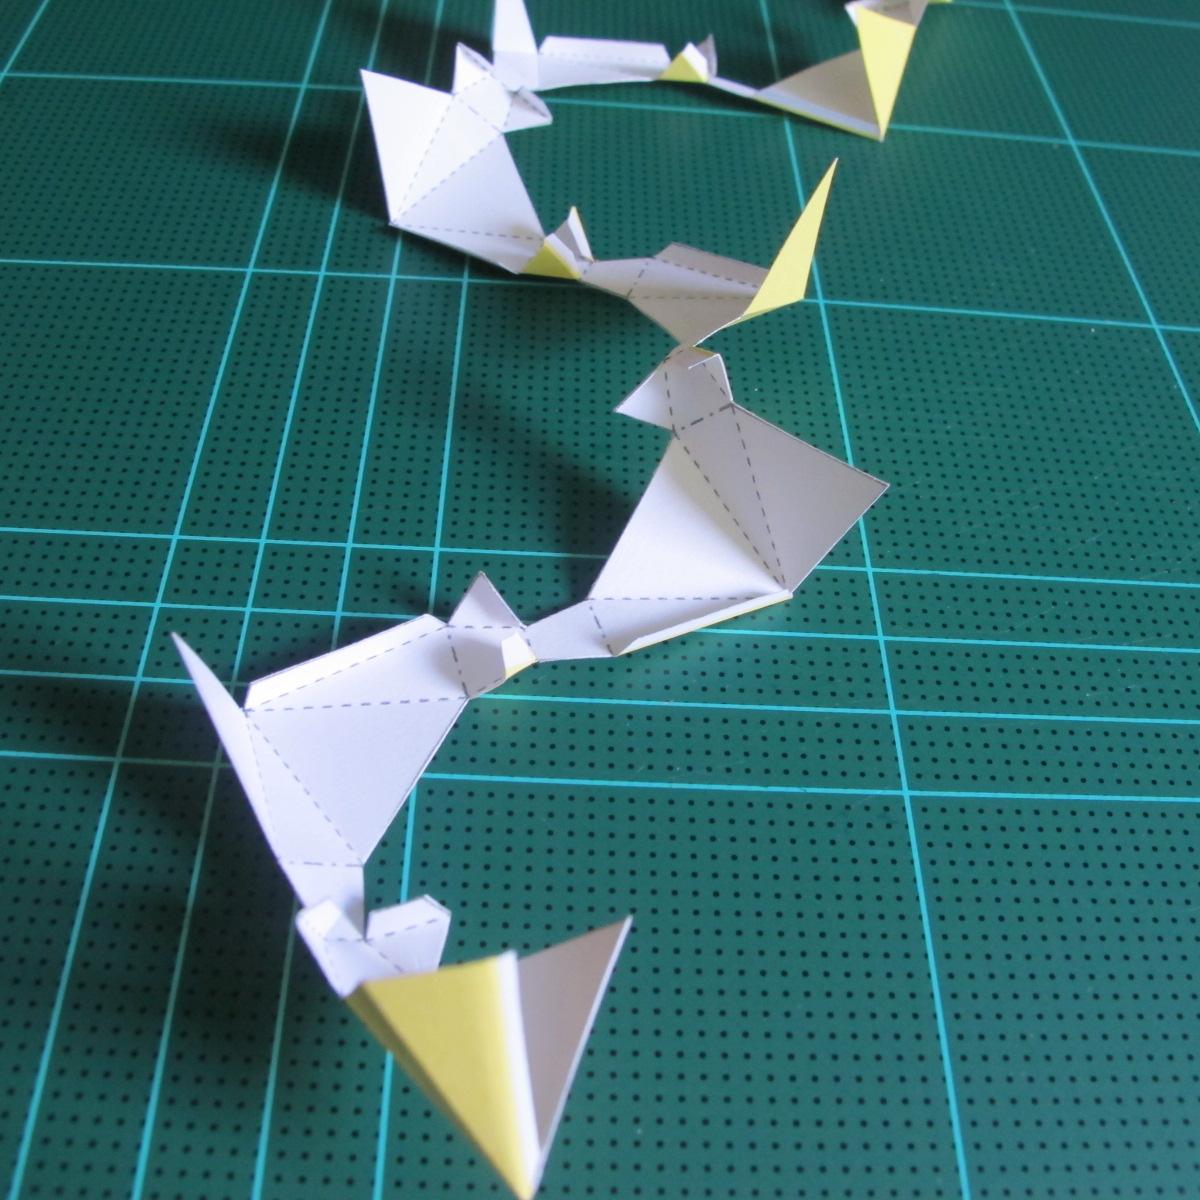 วิธีทำของเล่นโมเดลกระดาษรูปพระอาทิตย์ยิ้ม (Smiling Sun Paper Craft Model) 003